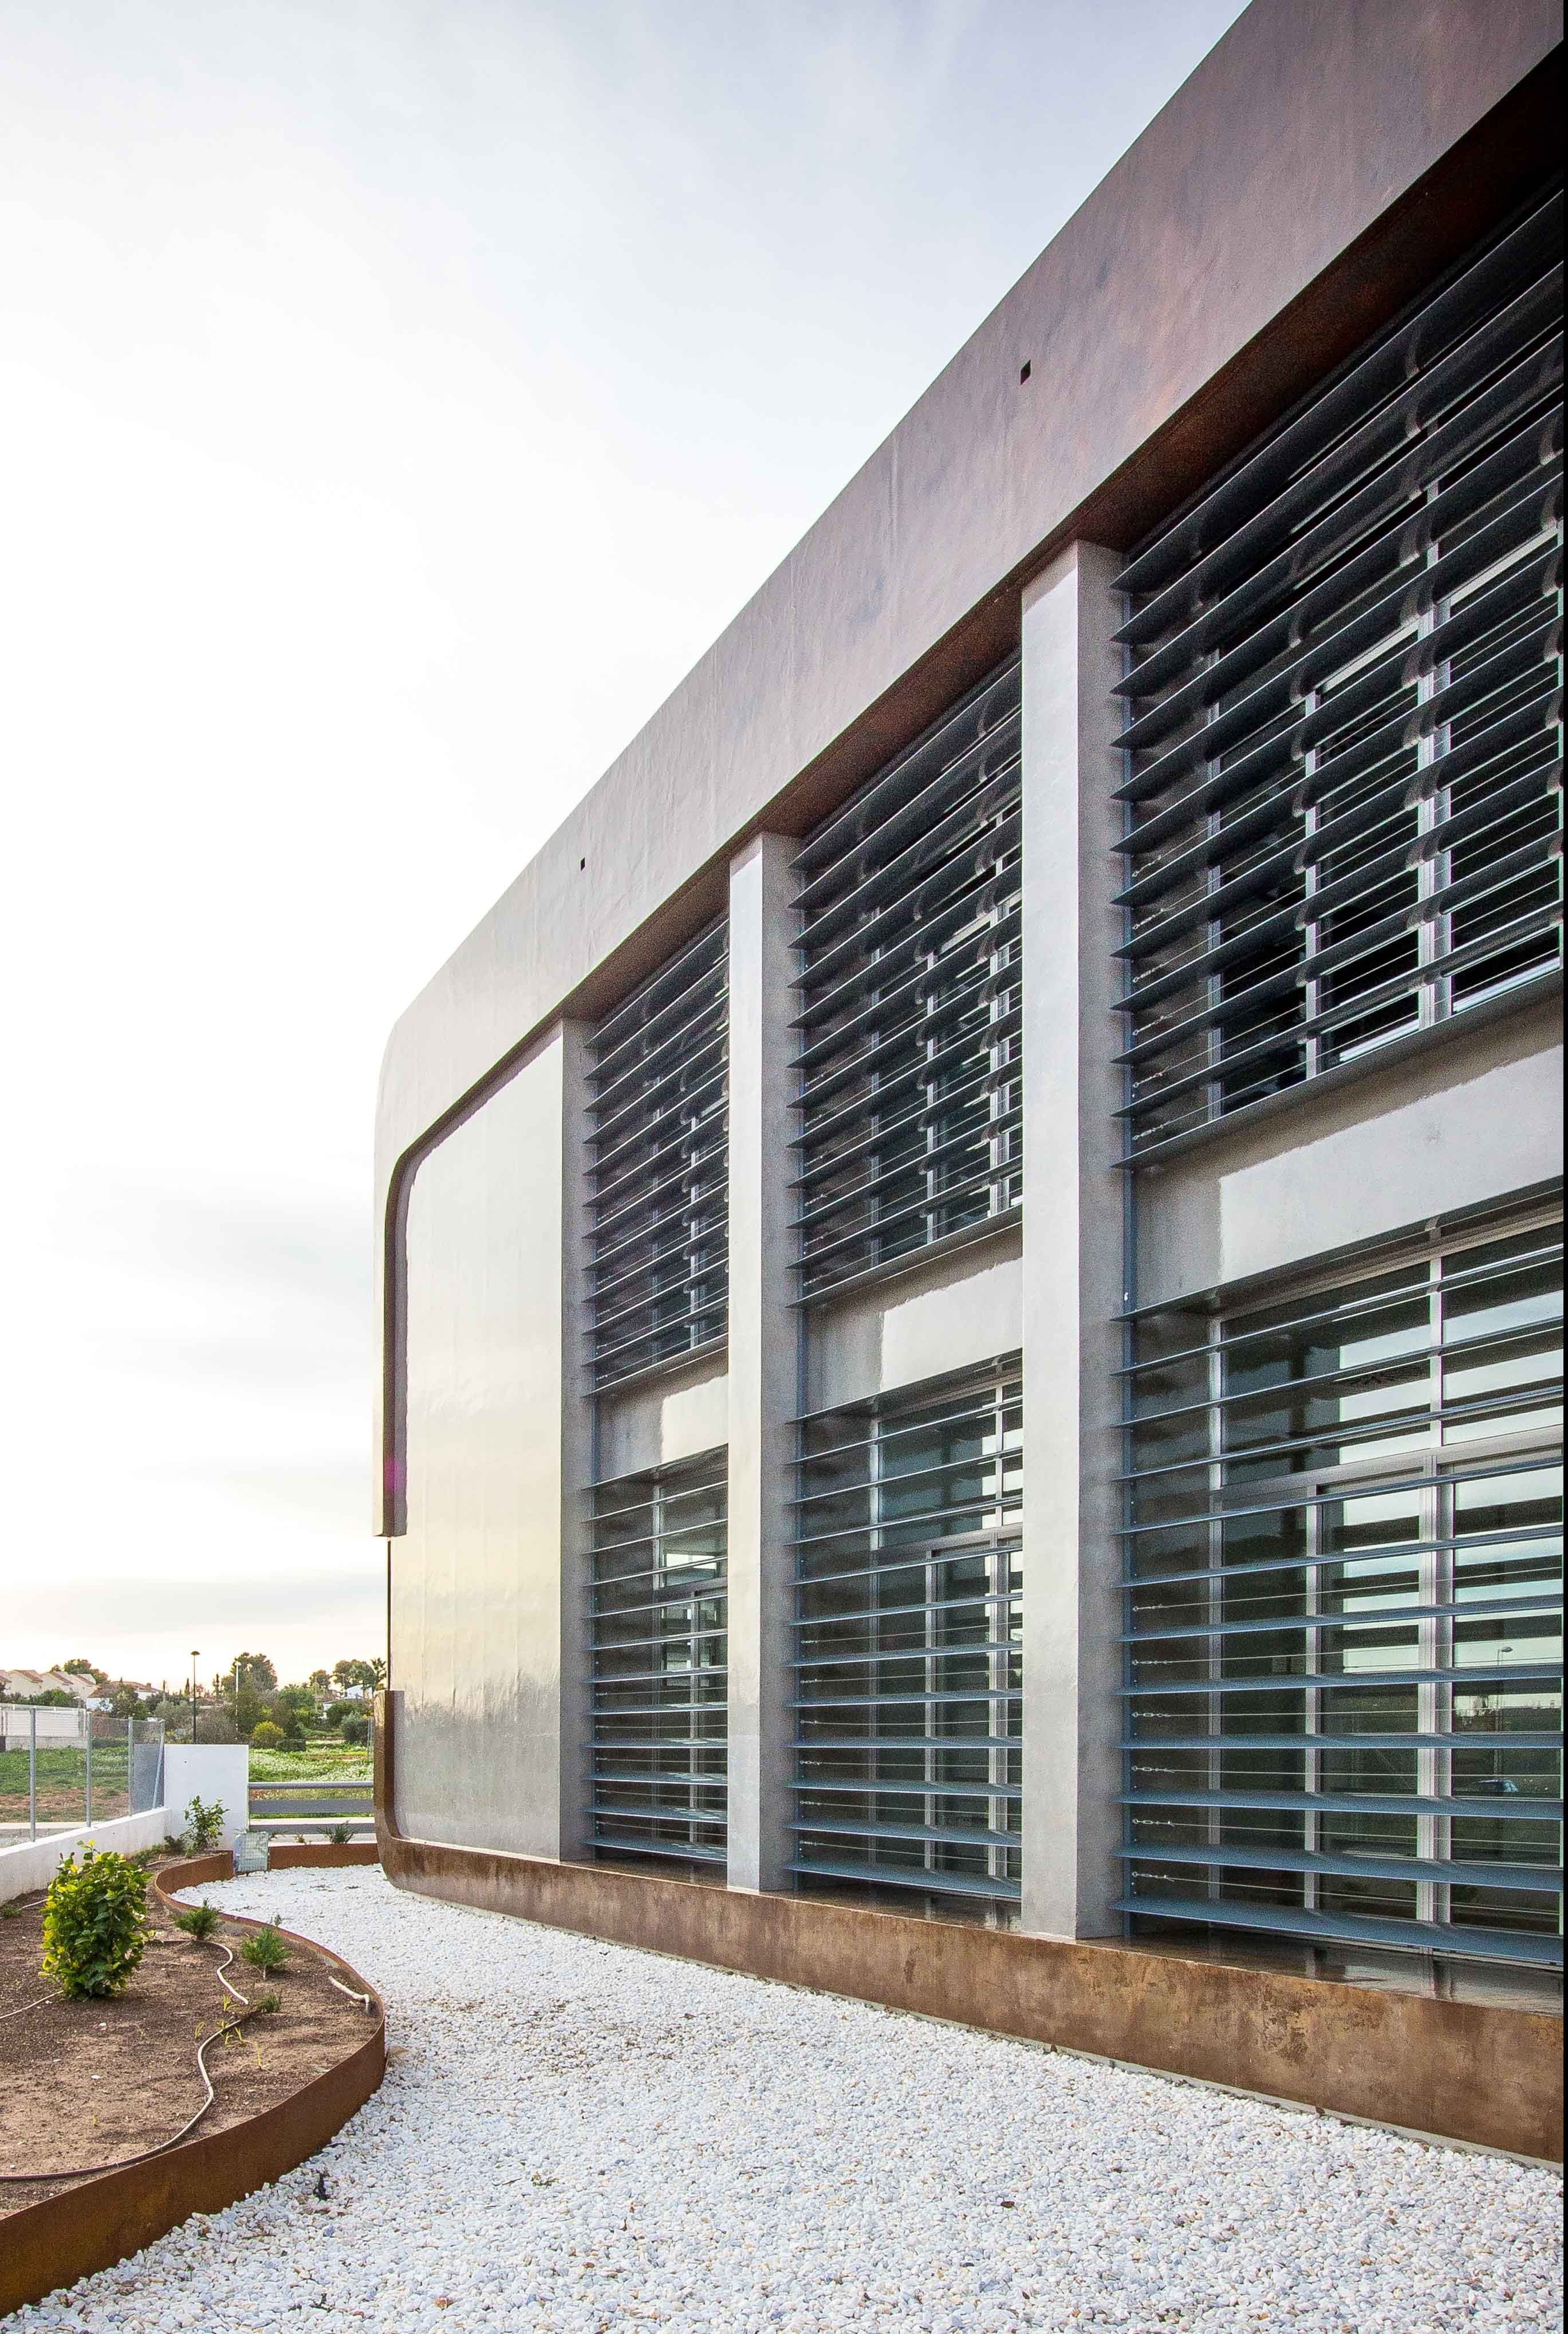 Casa acero corten moderna- Chiralt Arquitectos Valencia